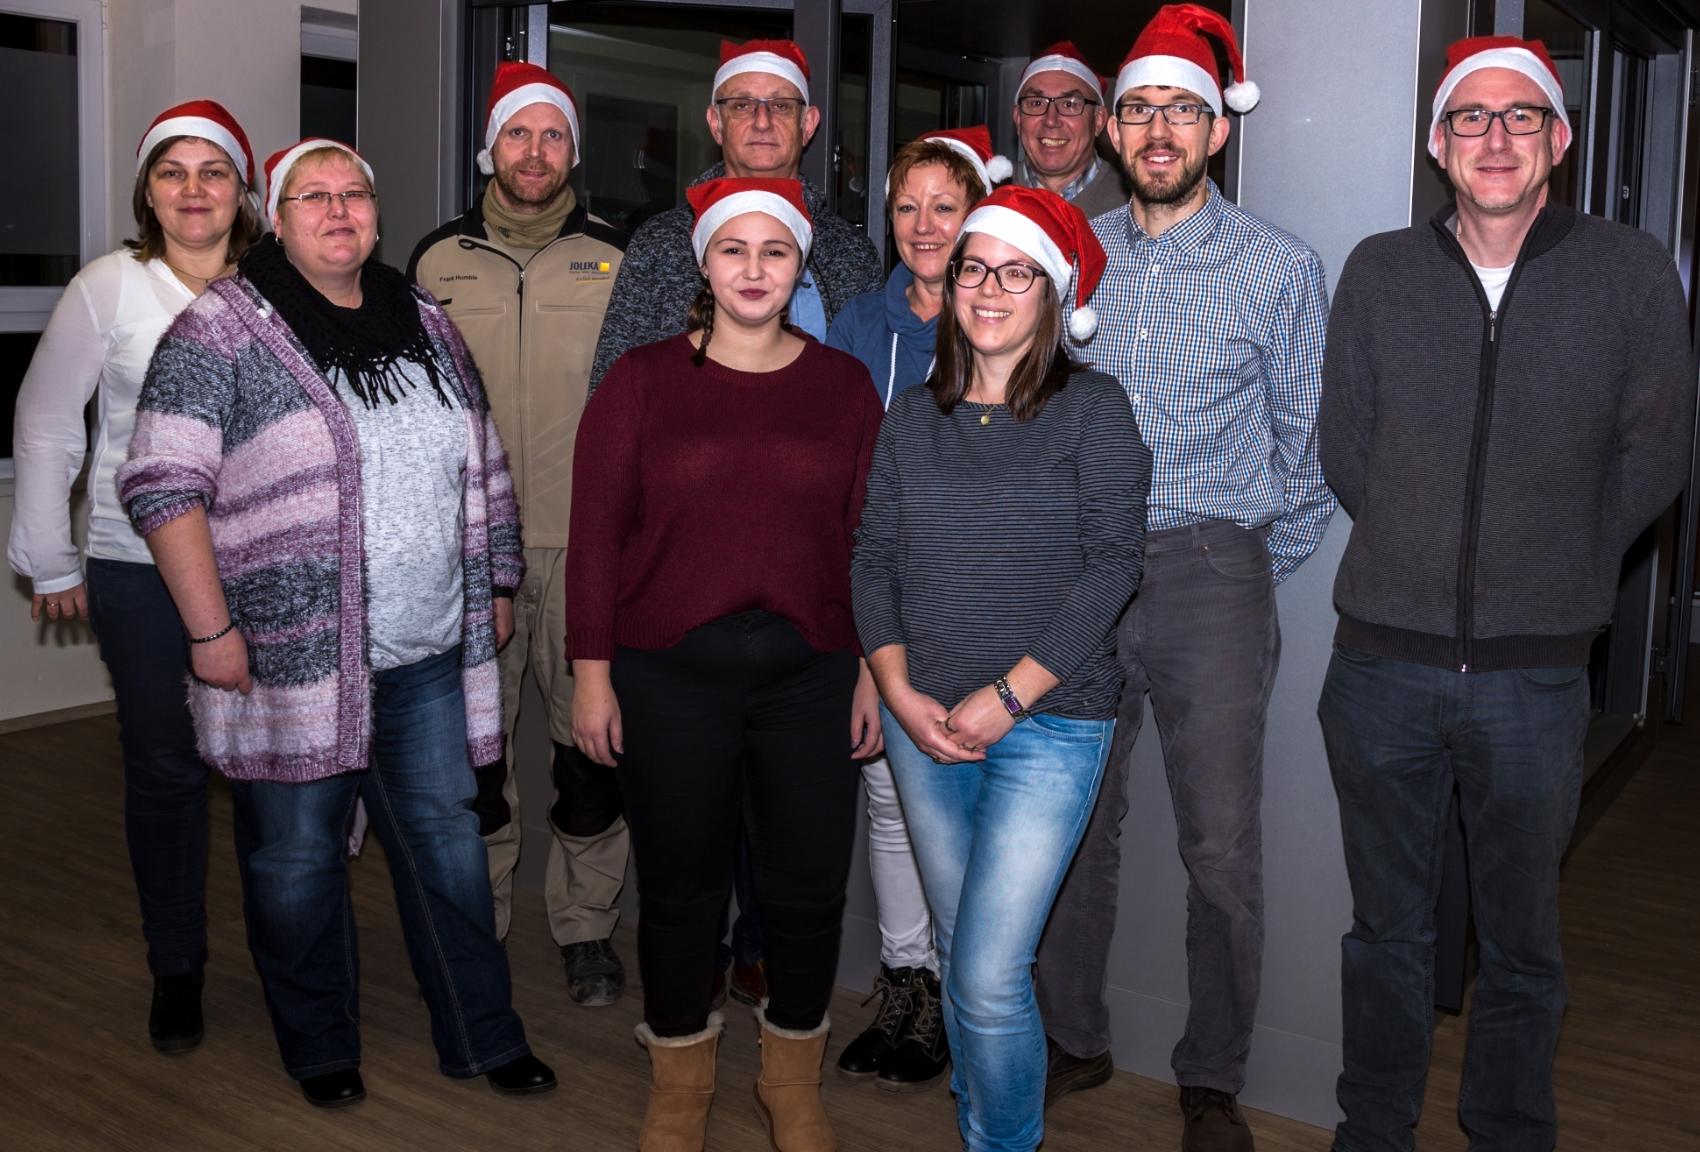 Ankündigung Betriebsferien Weihnachten - JOLEKA - einfach besonders